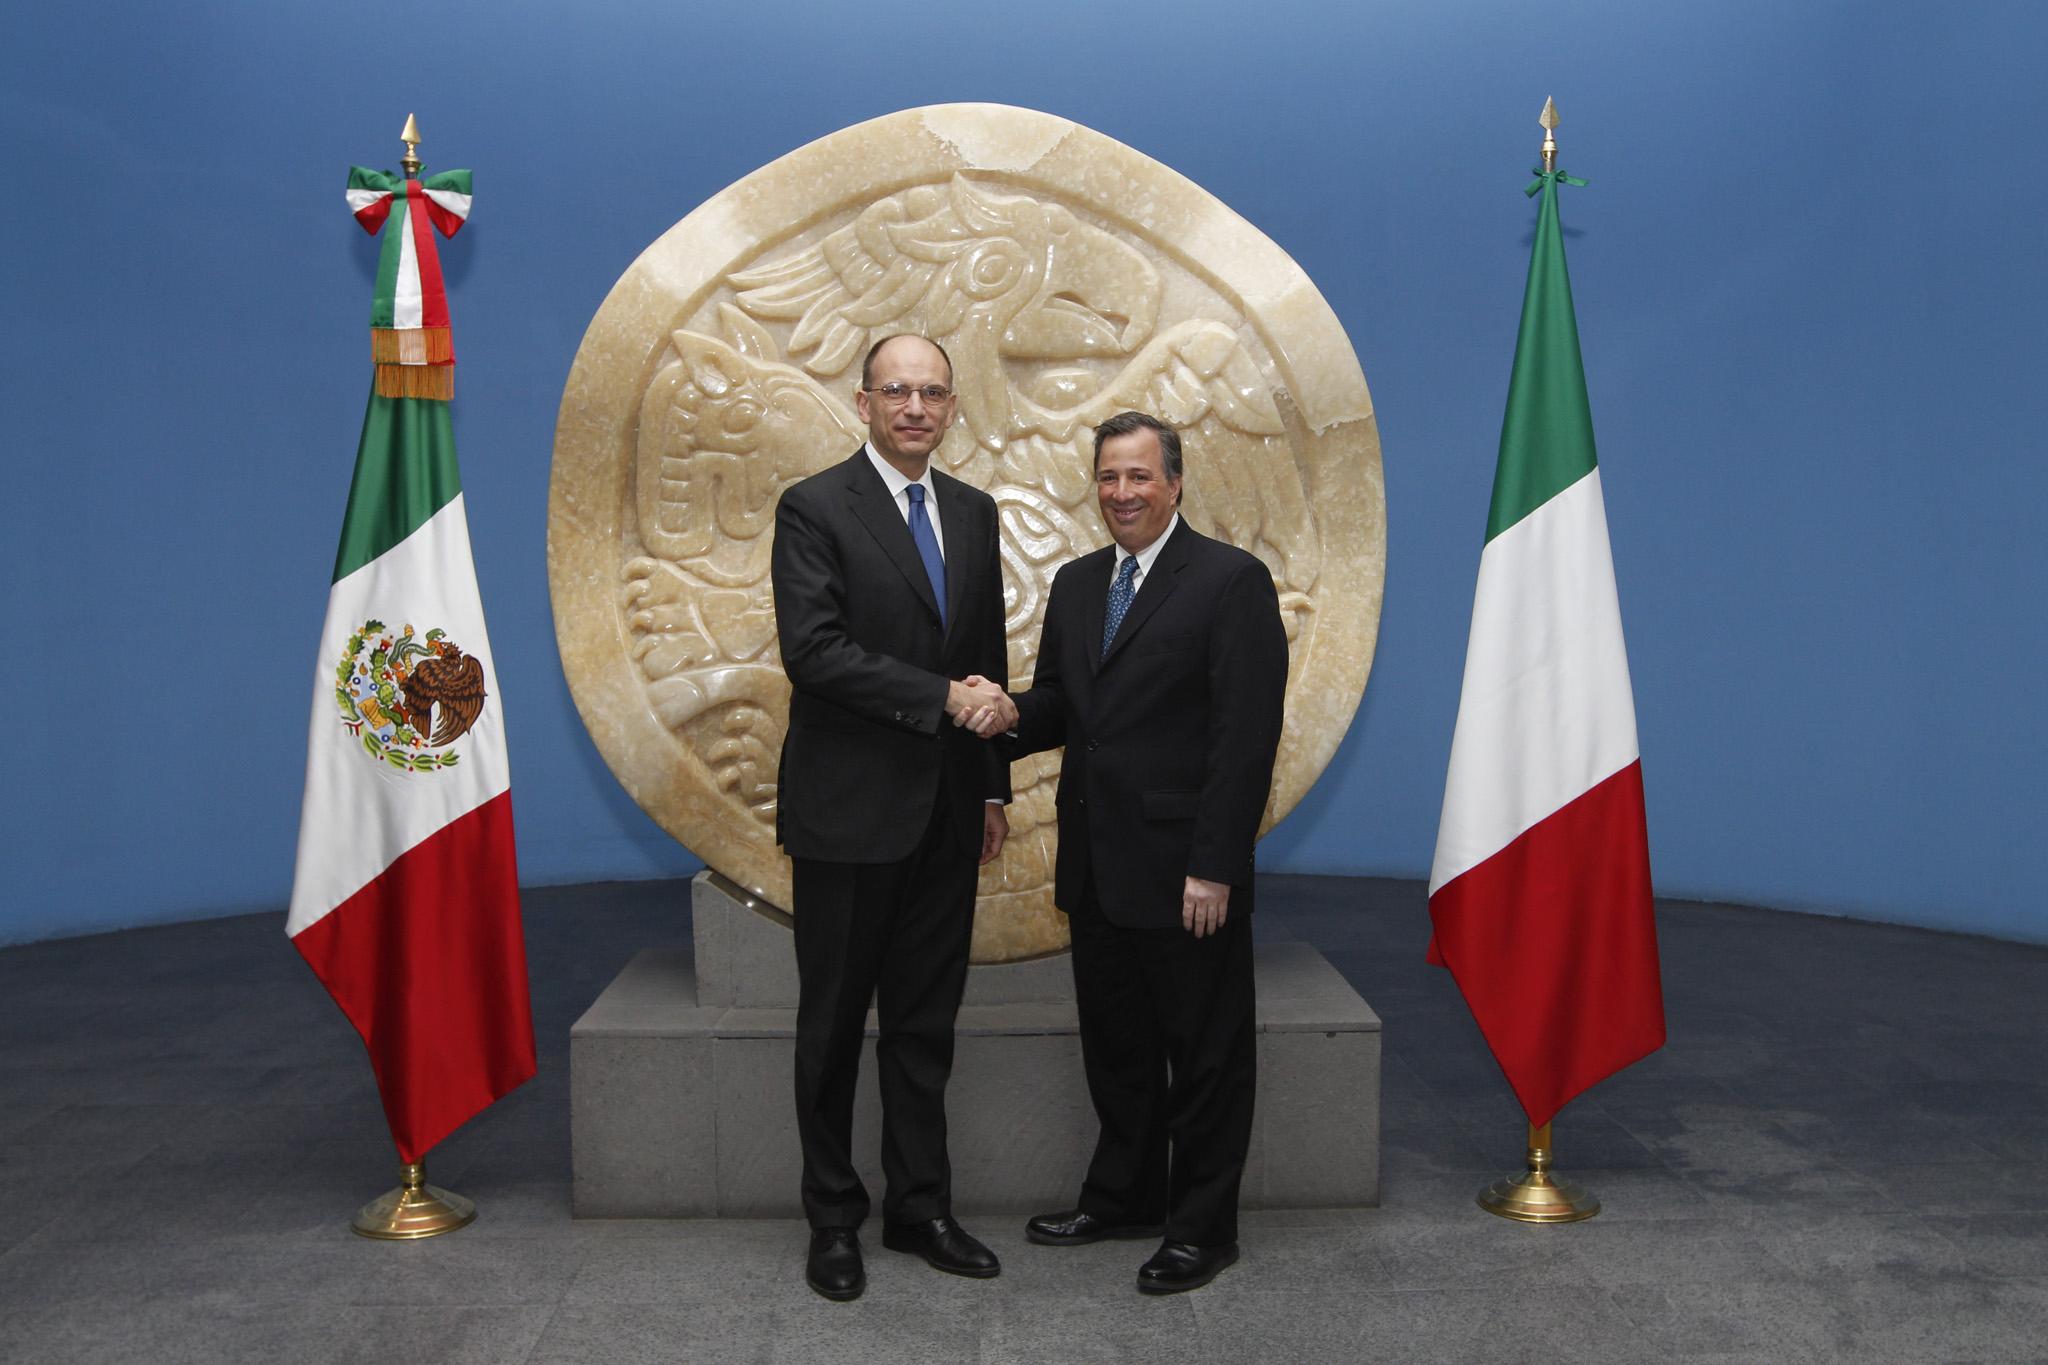 El presidente del Consejo de Ministros de la República Italiana, Enrico Letta, visitó la SRE